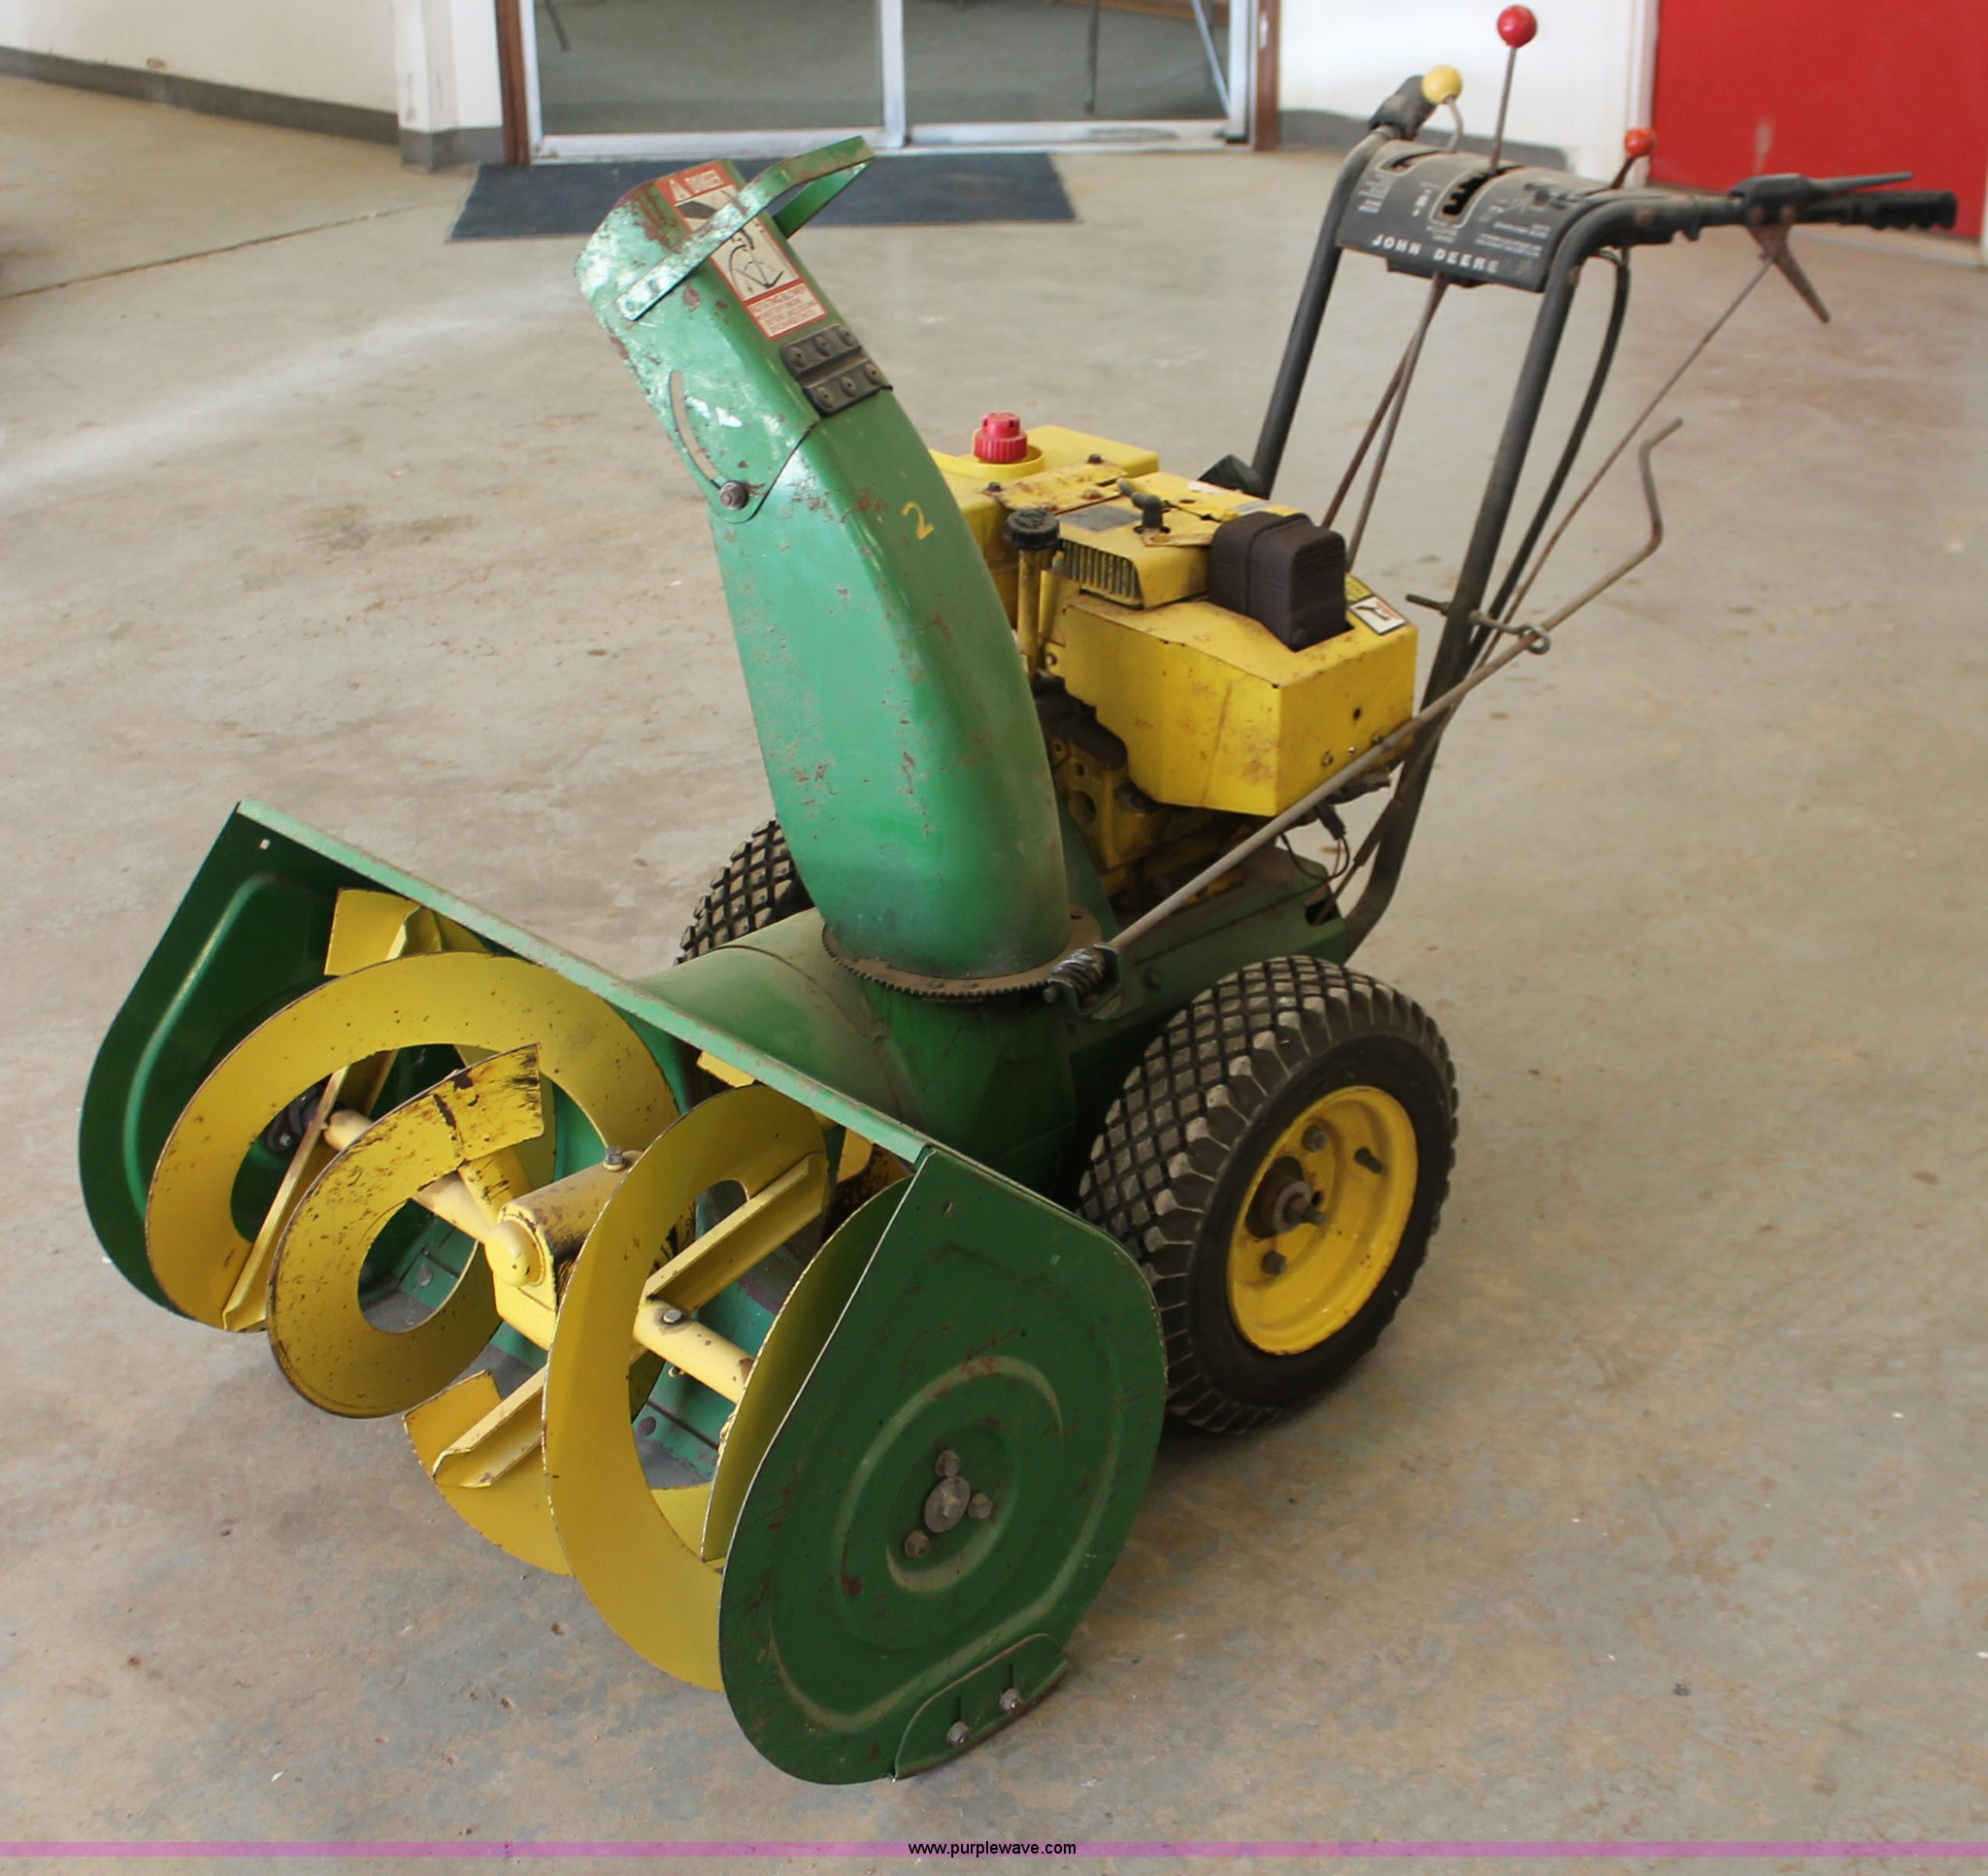 V9104 image for item V9104 John Deere 1032 snow blower